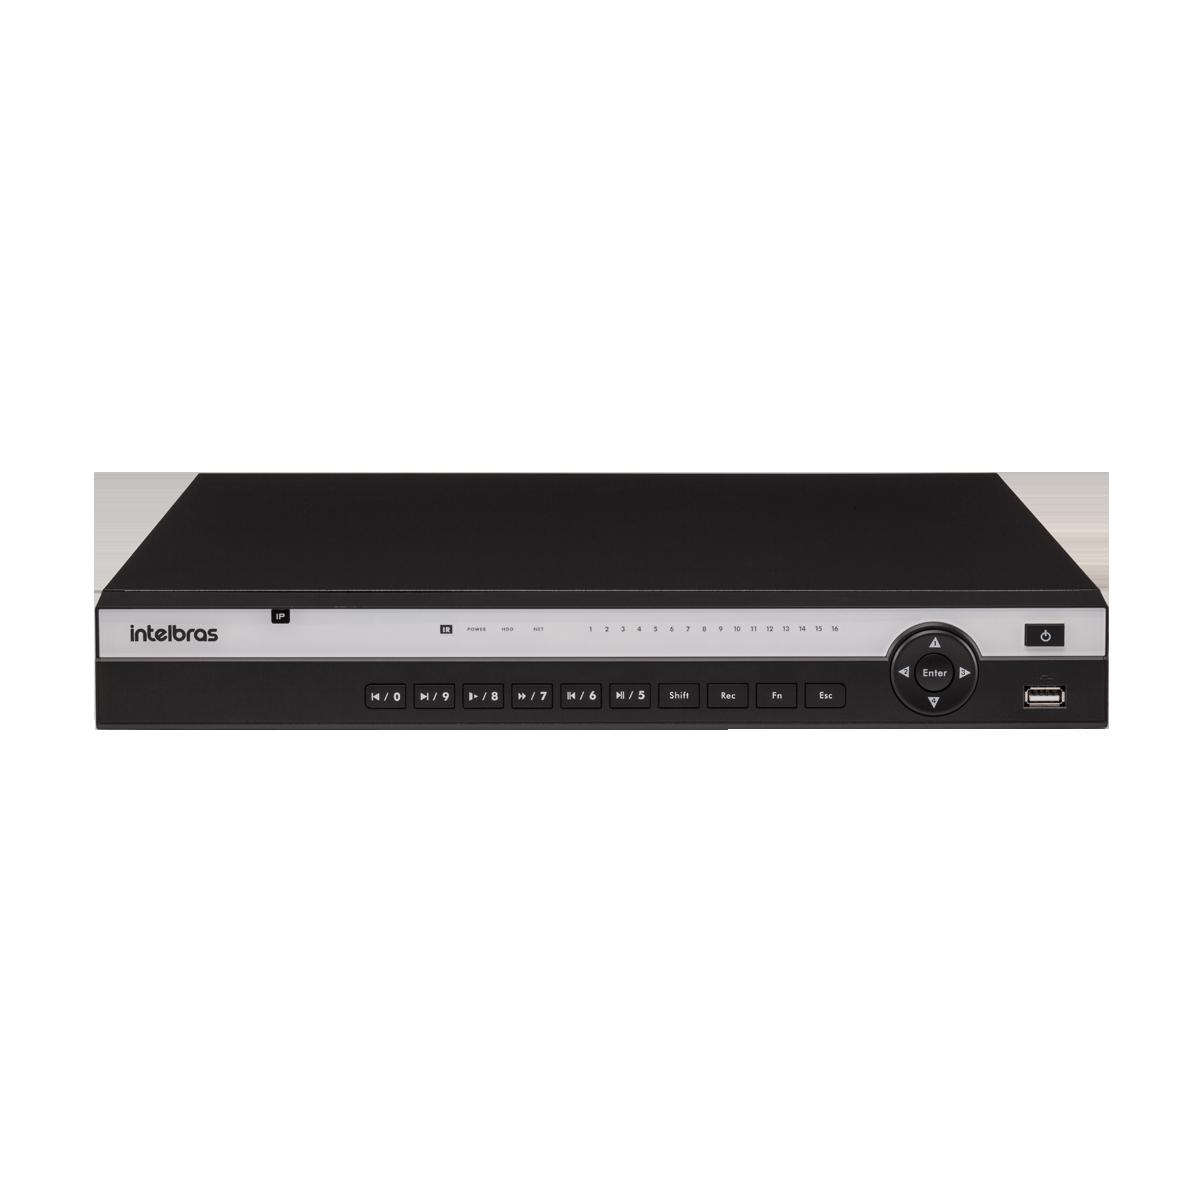 NVD 3116 COM HD 10TB - GRAV. DIG. DE VÍDEO EM REDE PARA ATÉ 16 CANAIS IP EM FULL HD @ 30 FPS, INTELIGÊNCIA DE VÍDEO EM TODOS OS CANAIS, H.265, SUPORTE PARA 2HDS E SUPORTA CÂMERAS COM RESOLUÇÃO 4K - PR  - Sandercomp Virtual